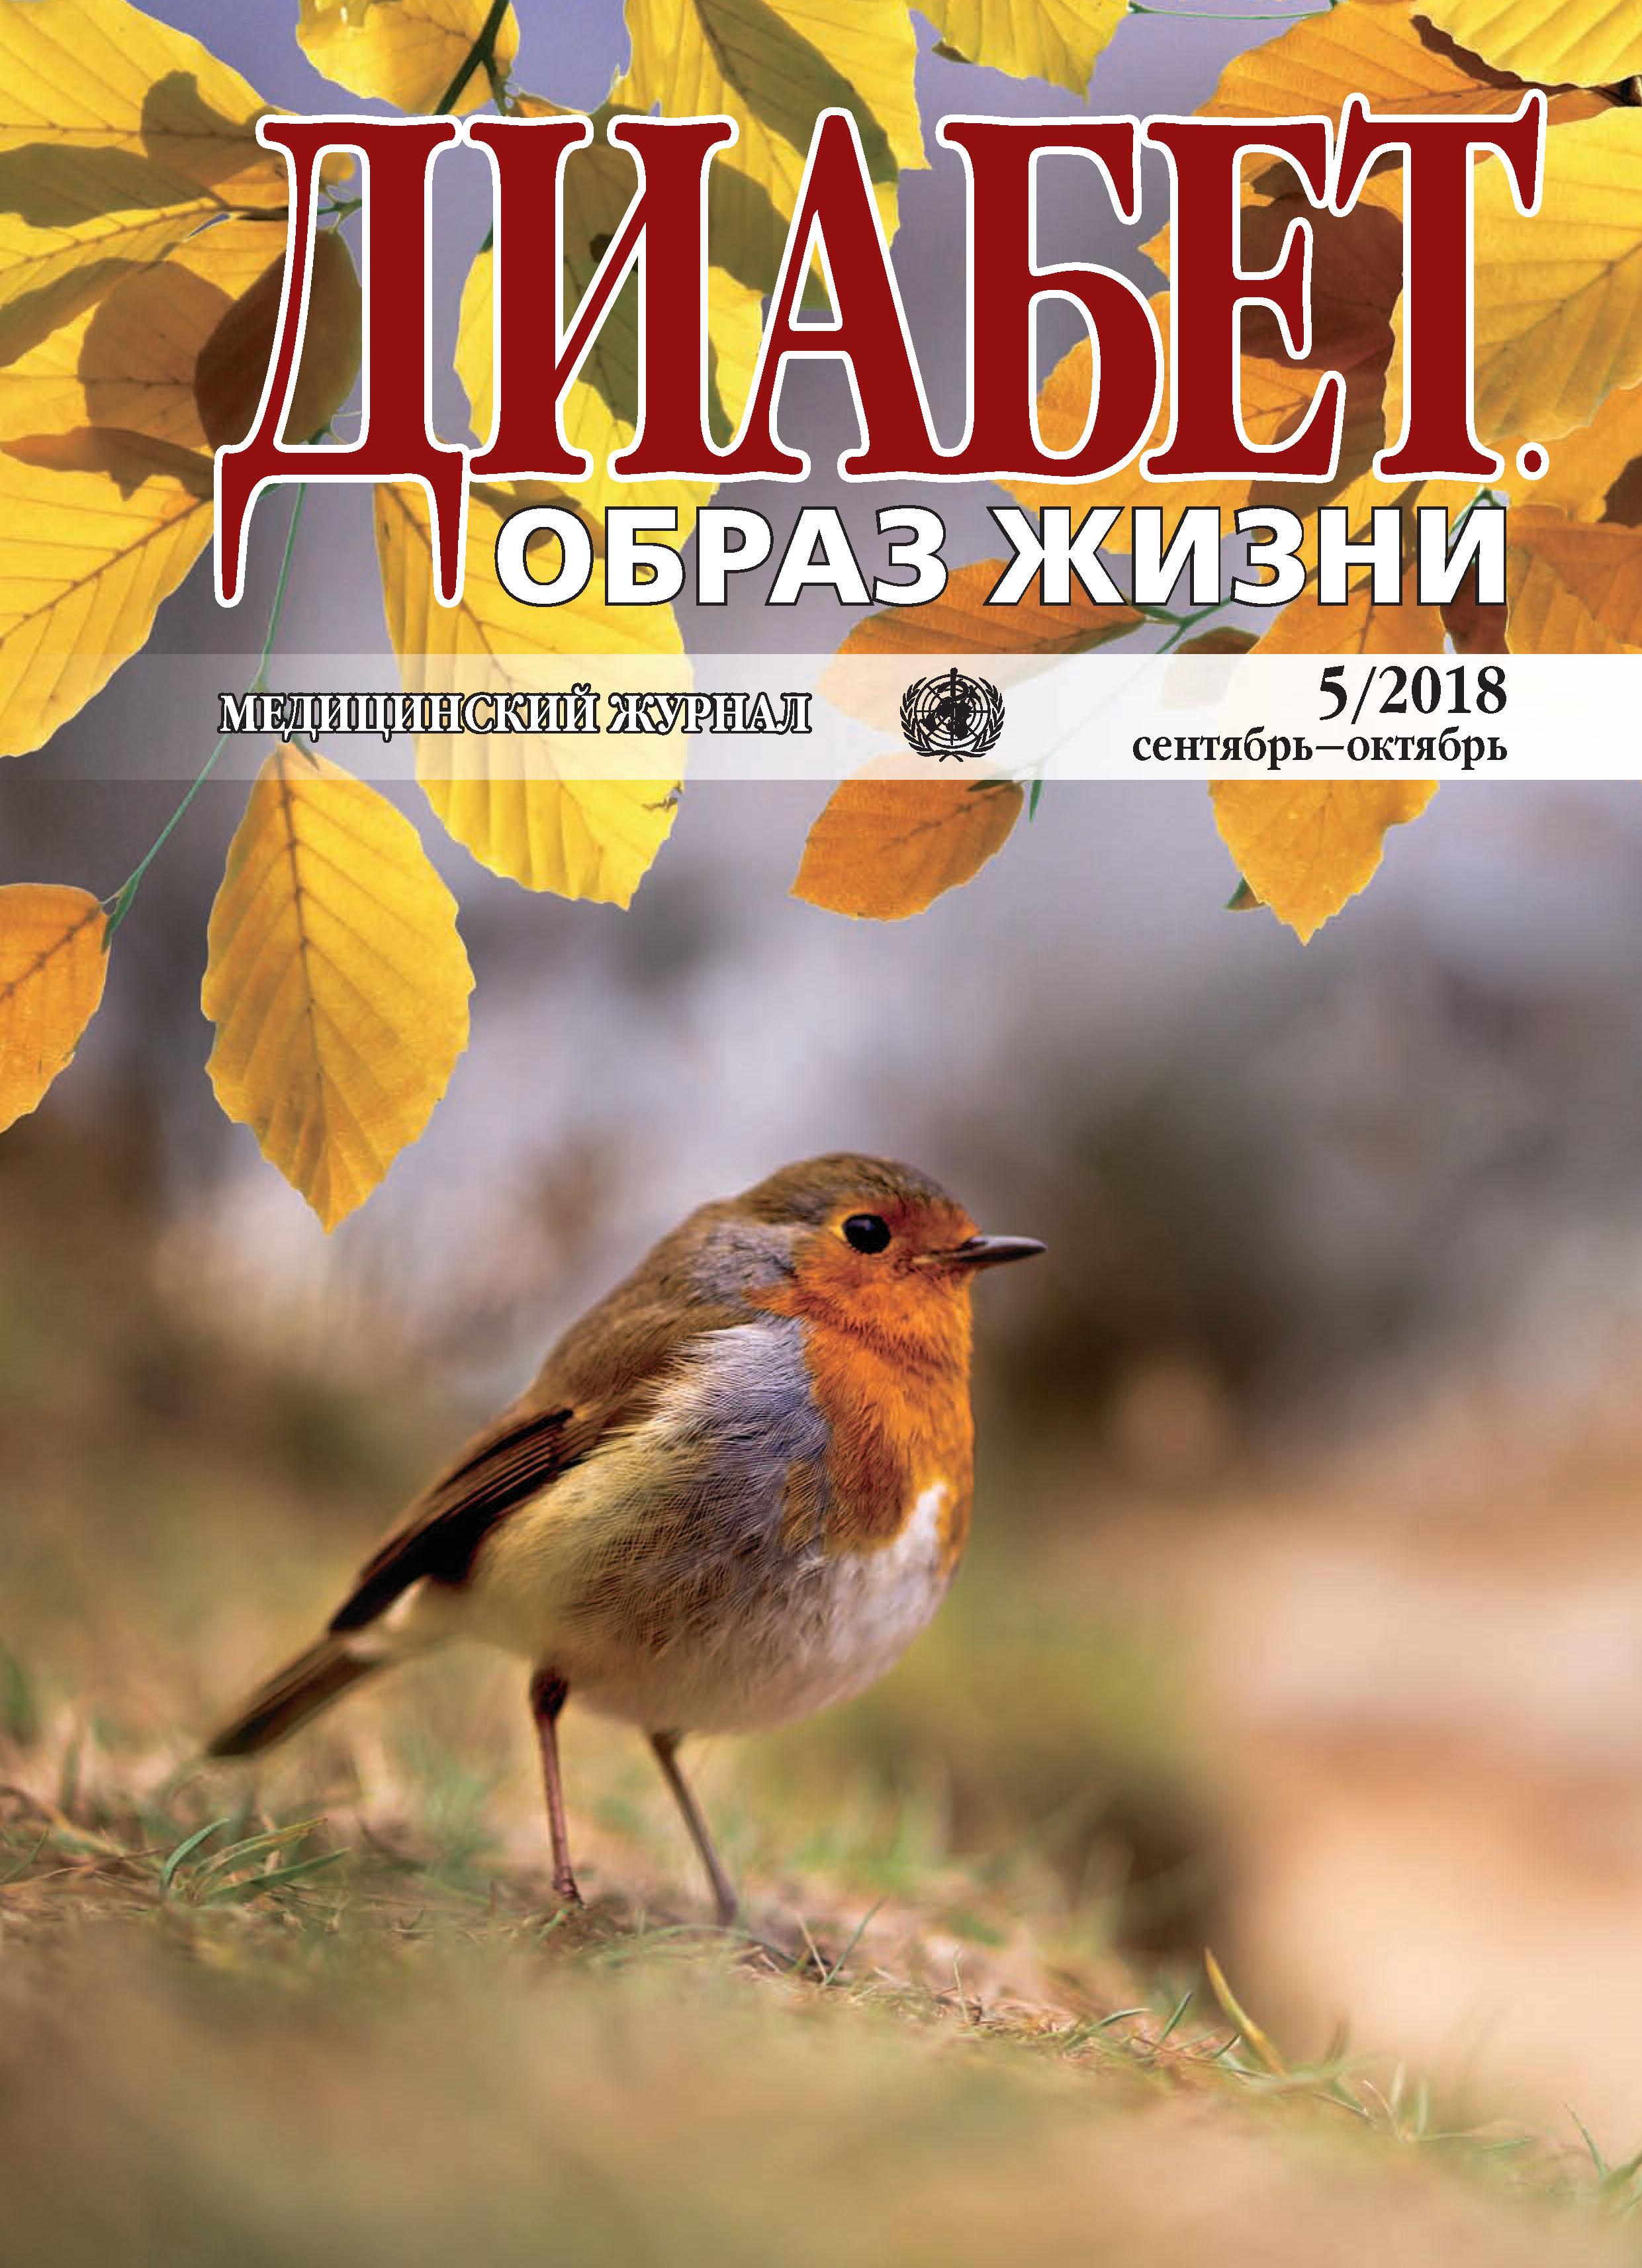 Диабет. Образ жизни. №5/2018 сентябрь-октябрь